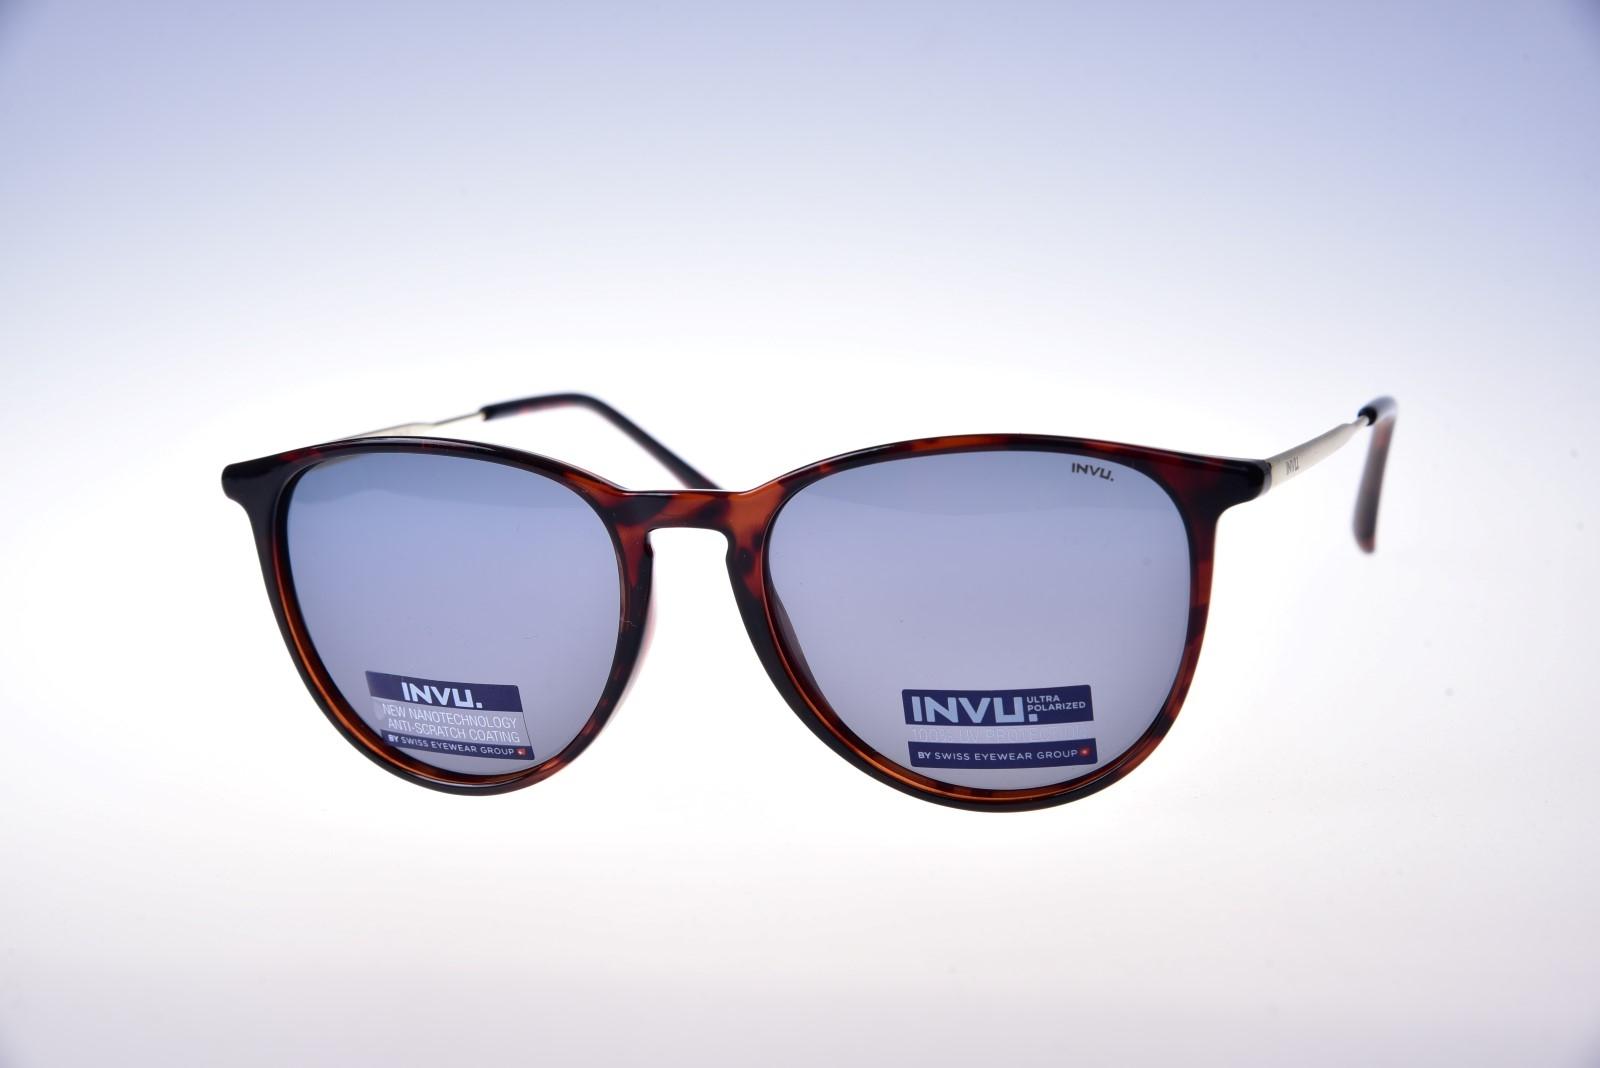 INVU. Classic B2945C - Unisex slnečné okuliare